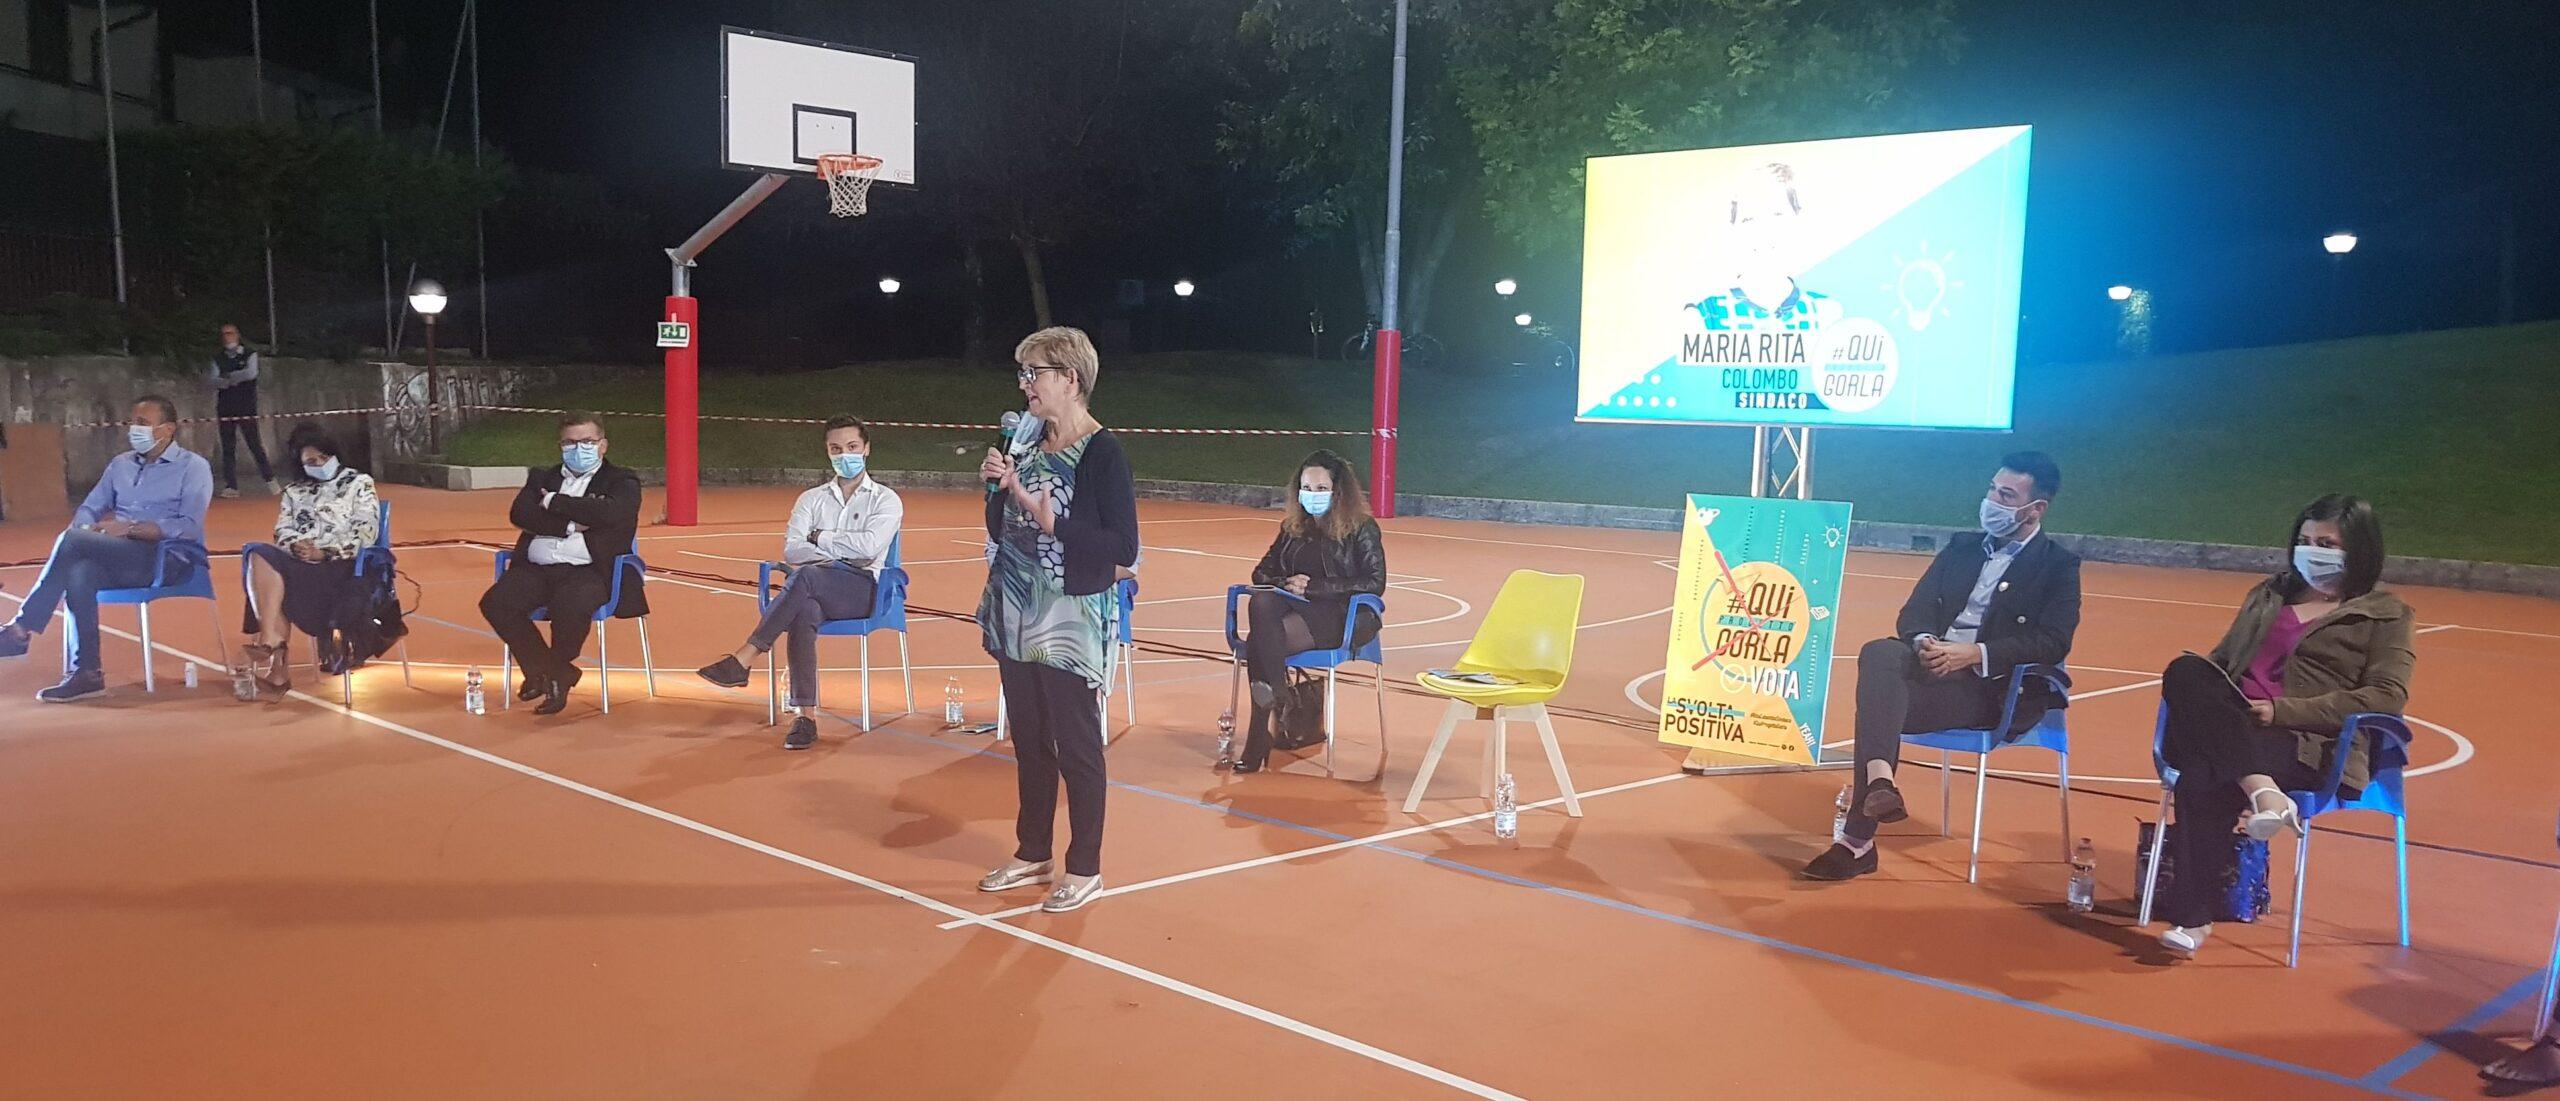 Elezioni 2020 Gorla Maggiore Maria Rita Colombo